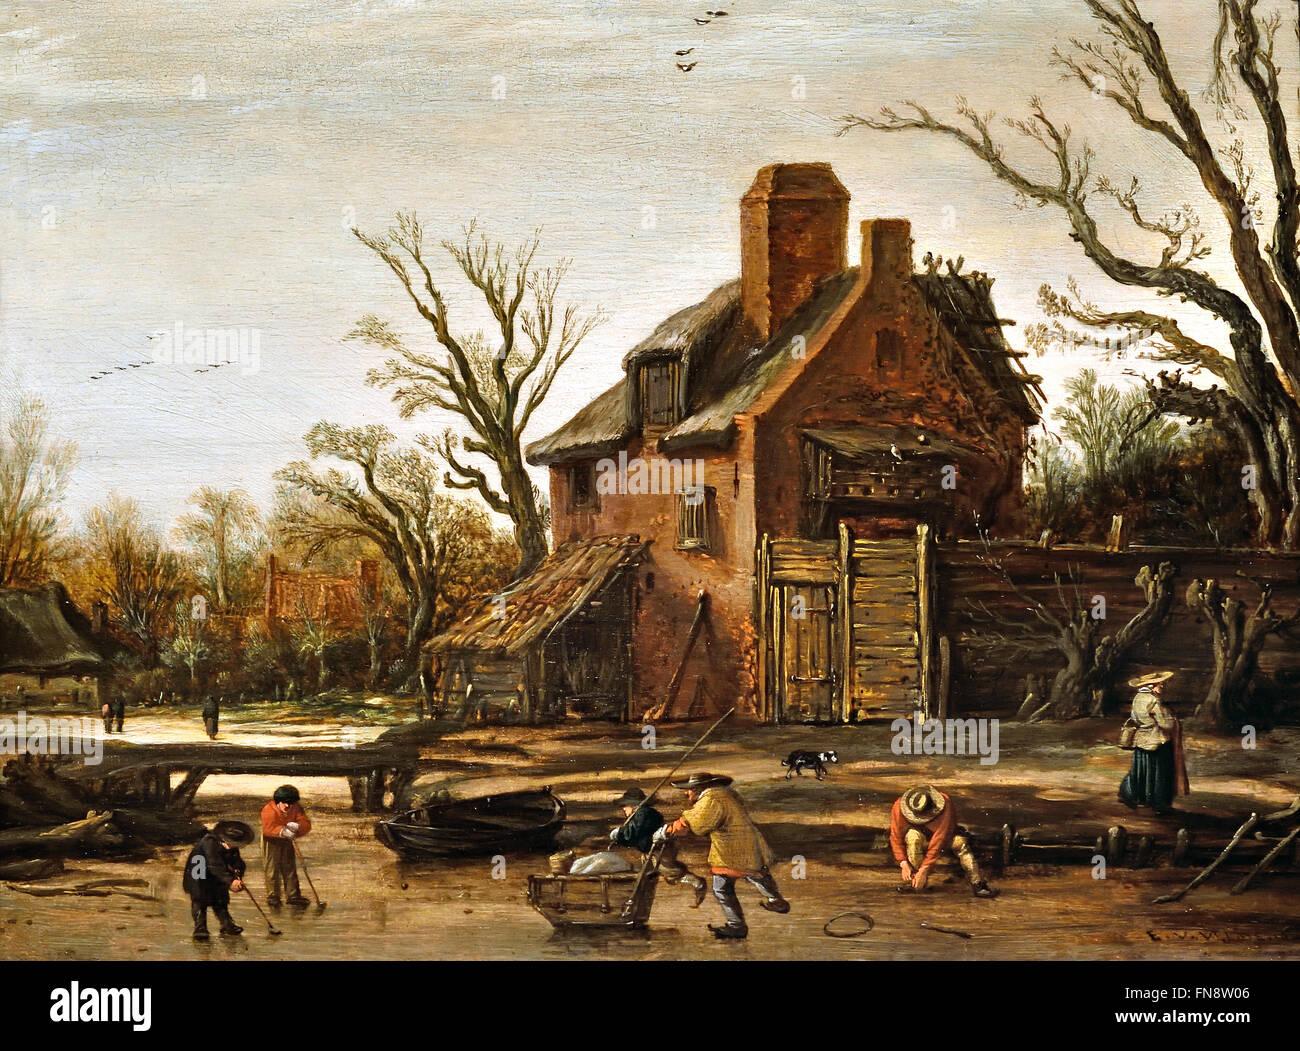 Esaias van de Velde, paysage d'hiver avec ferme, 1624 Pays-Bas néerlandais est un homme attachant sur ses Photo Stock